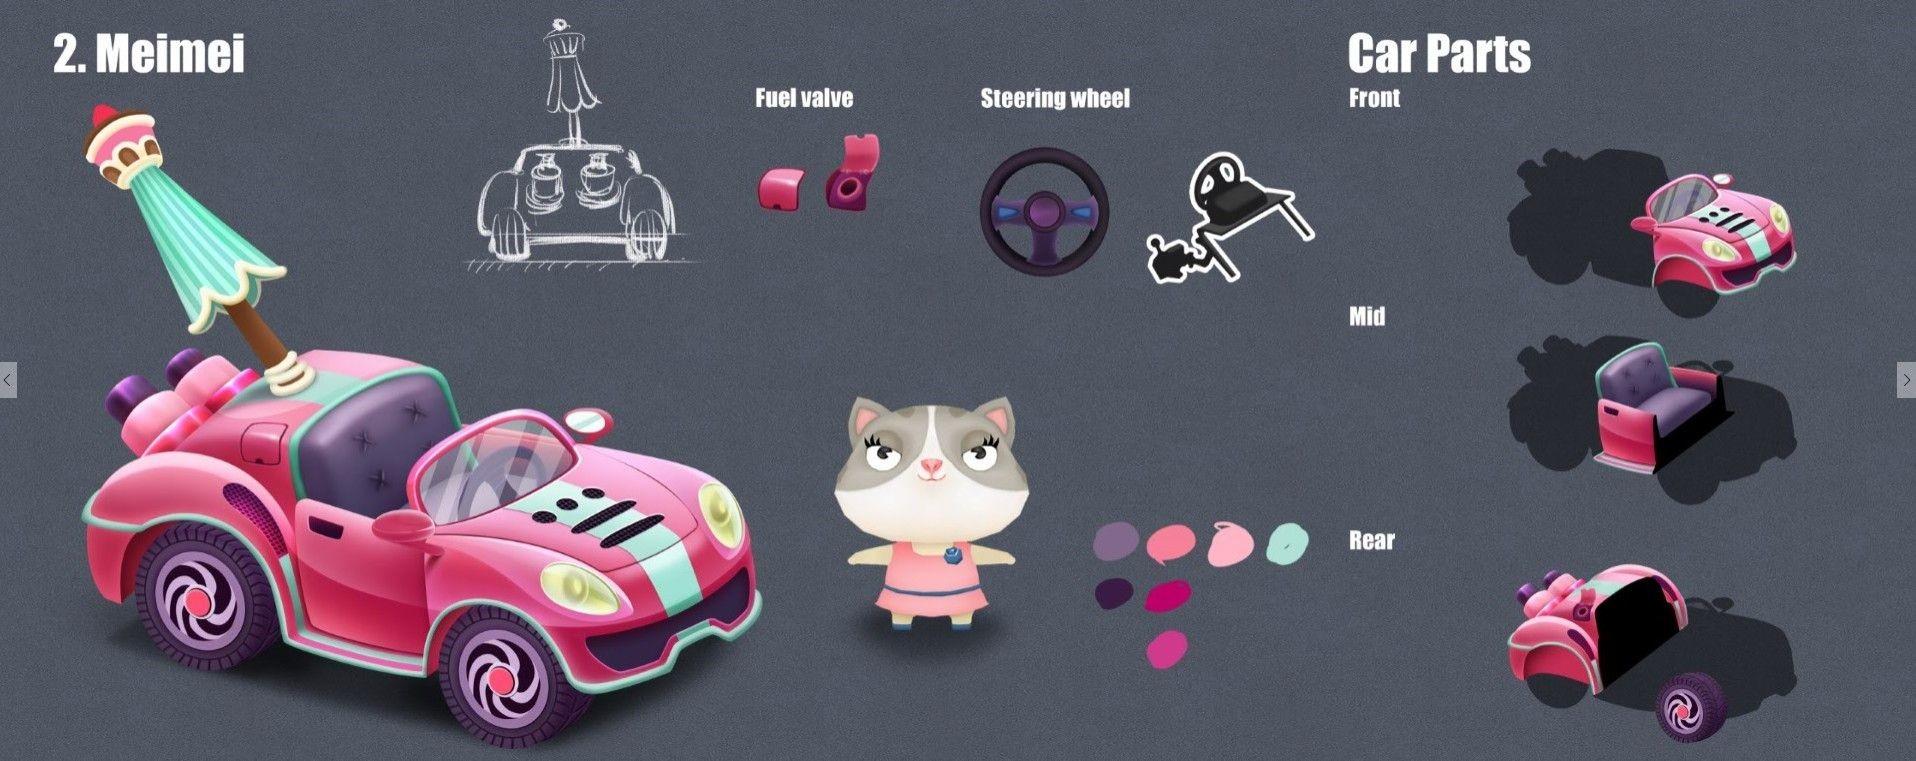 Car Design - Targa Florio